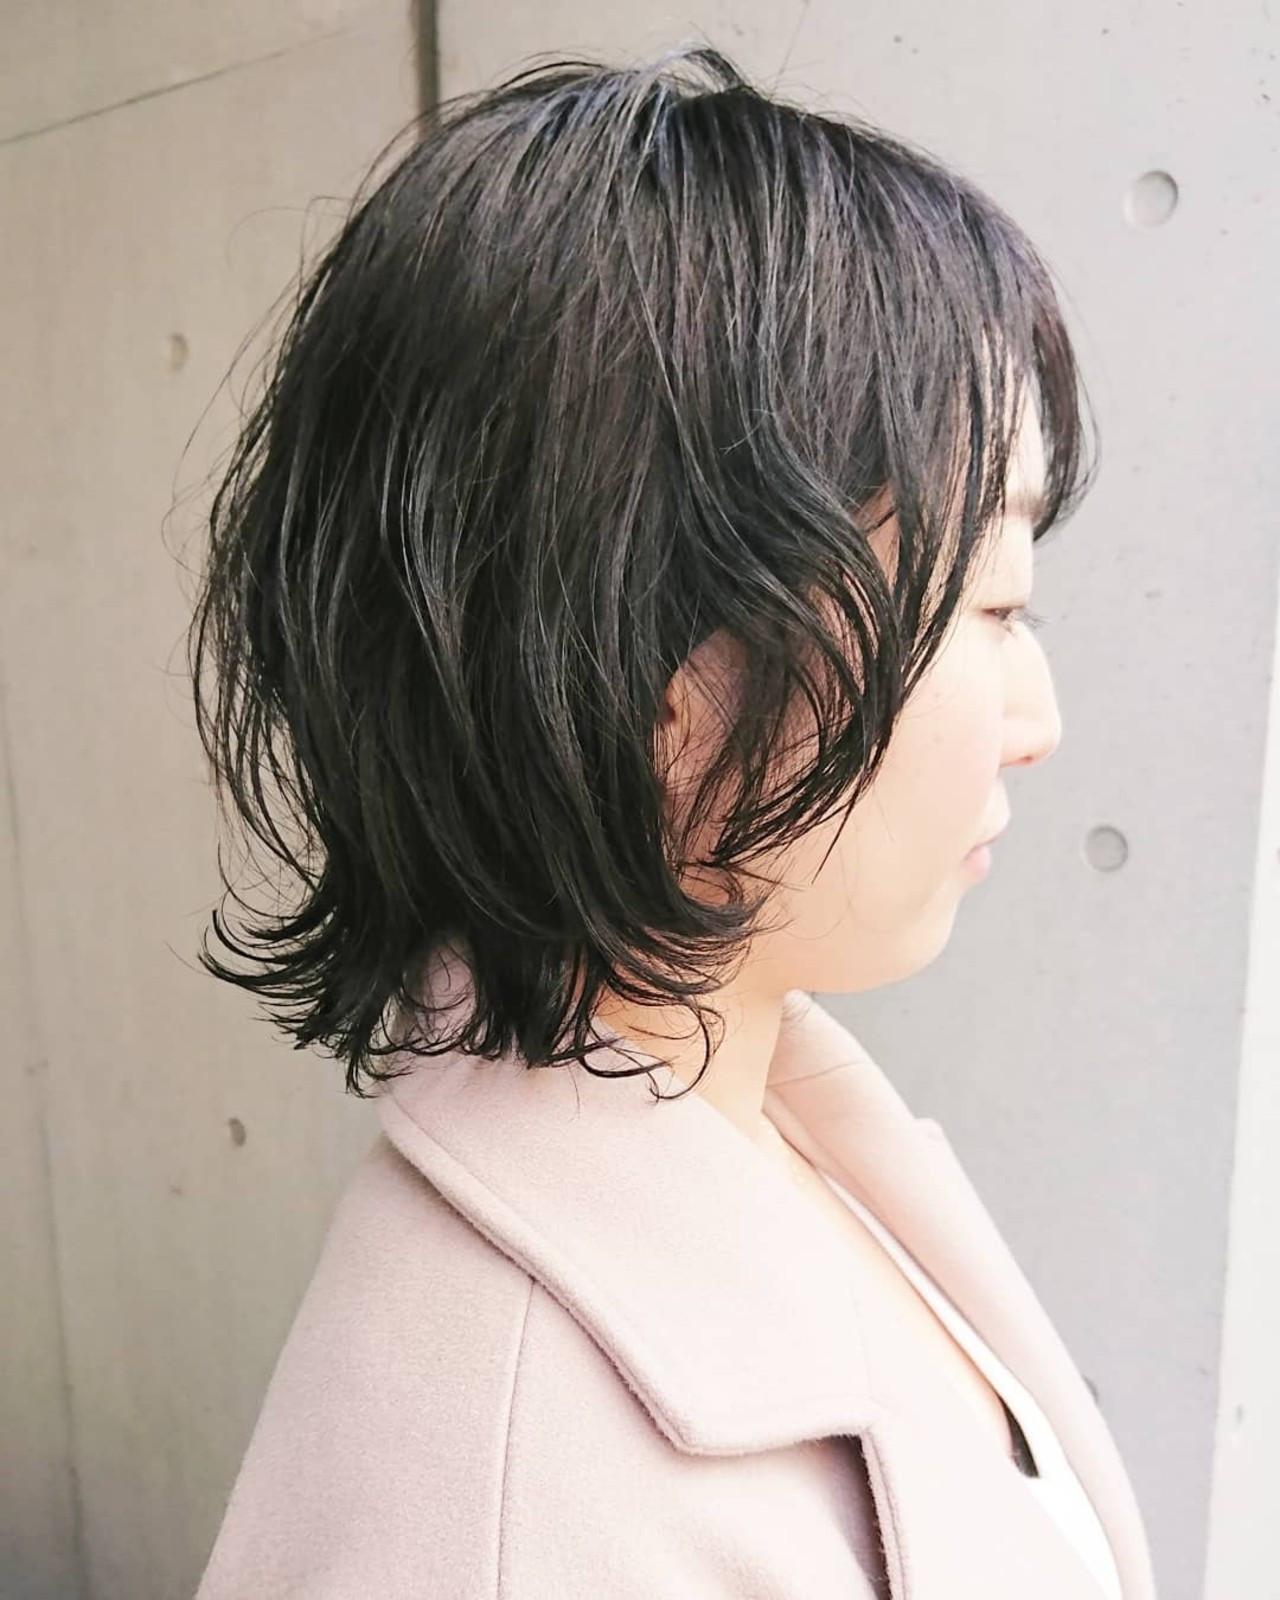 レイヤーカット ミニボブ ショートボブ ナチュラル ヘアスタイルや髪型の写真・画像